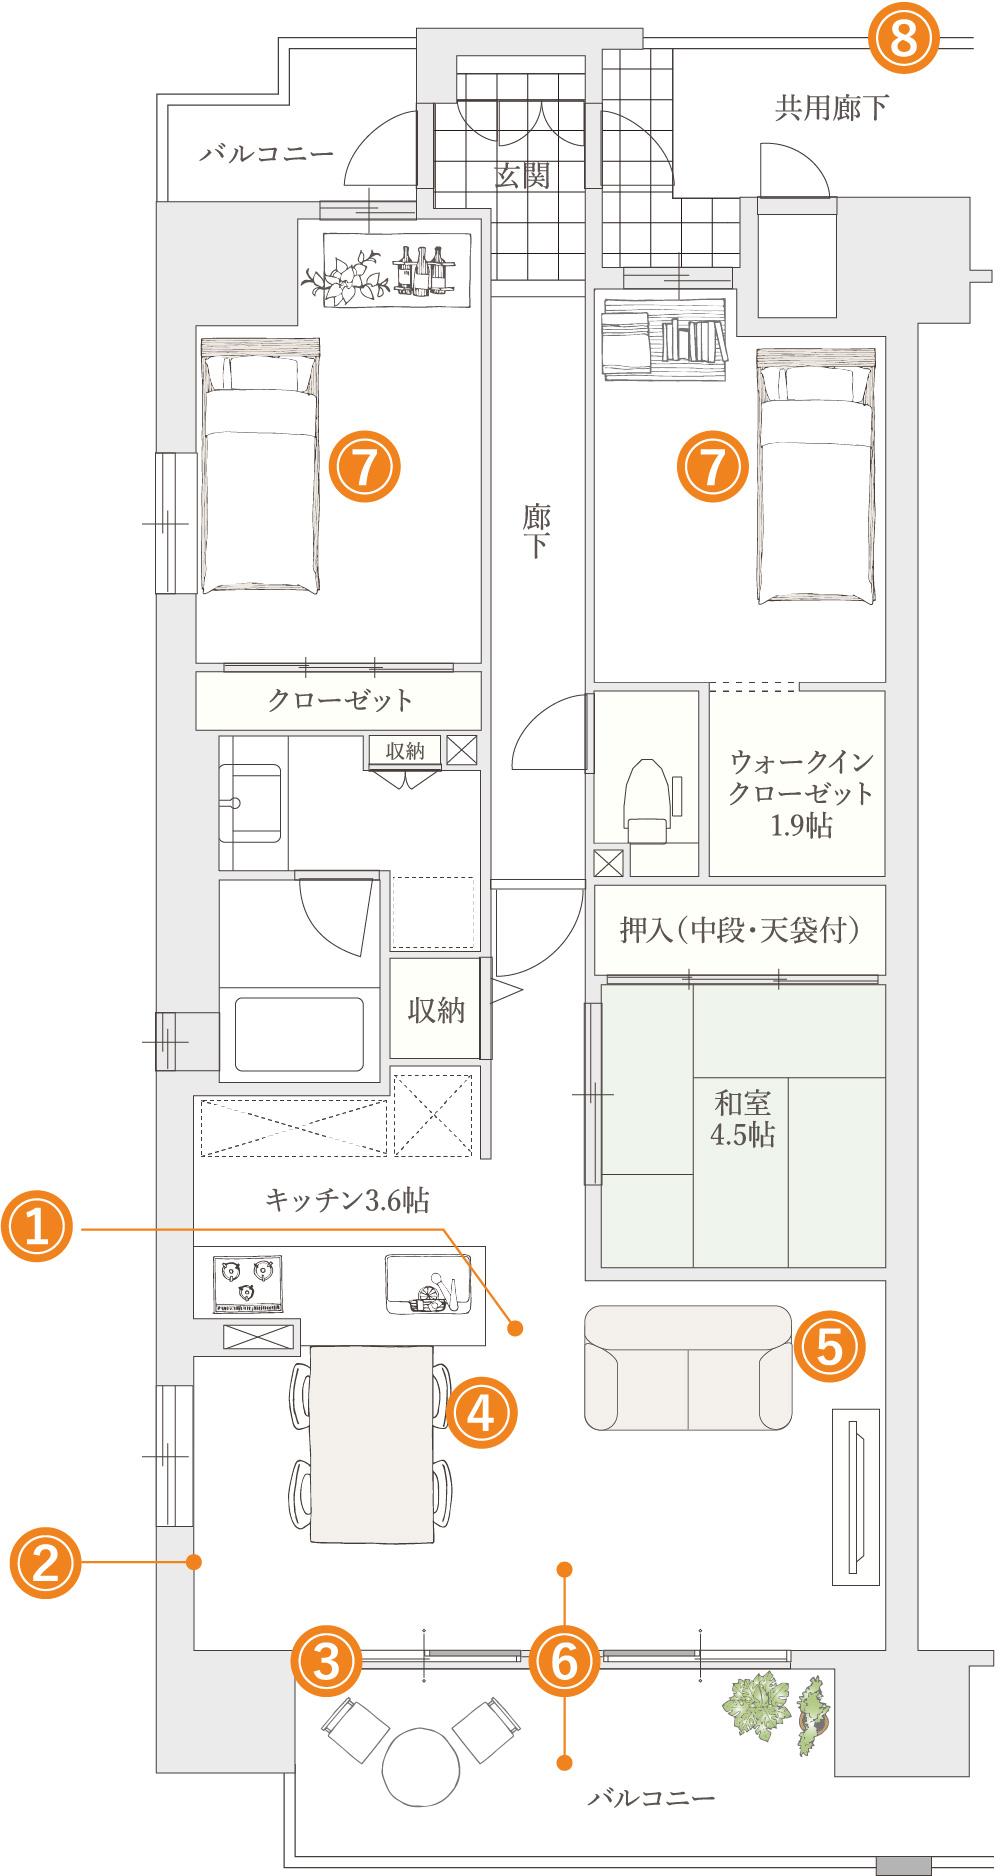 マンションのインテリア図